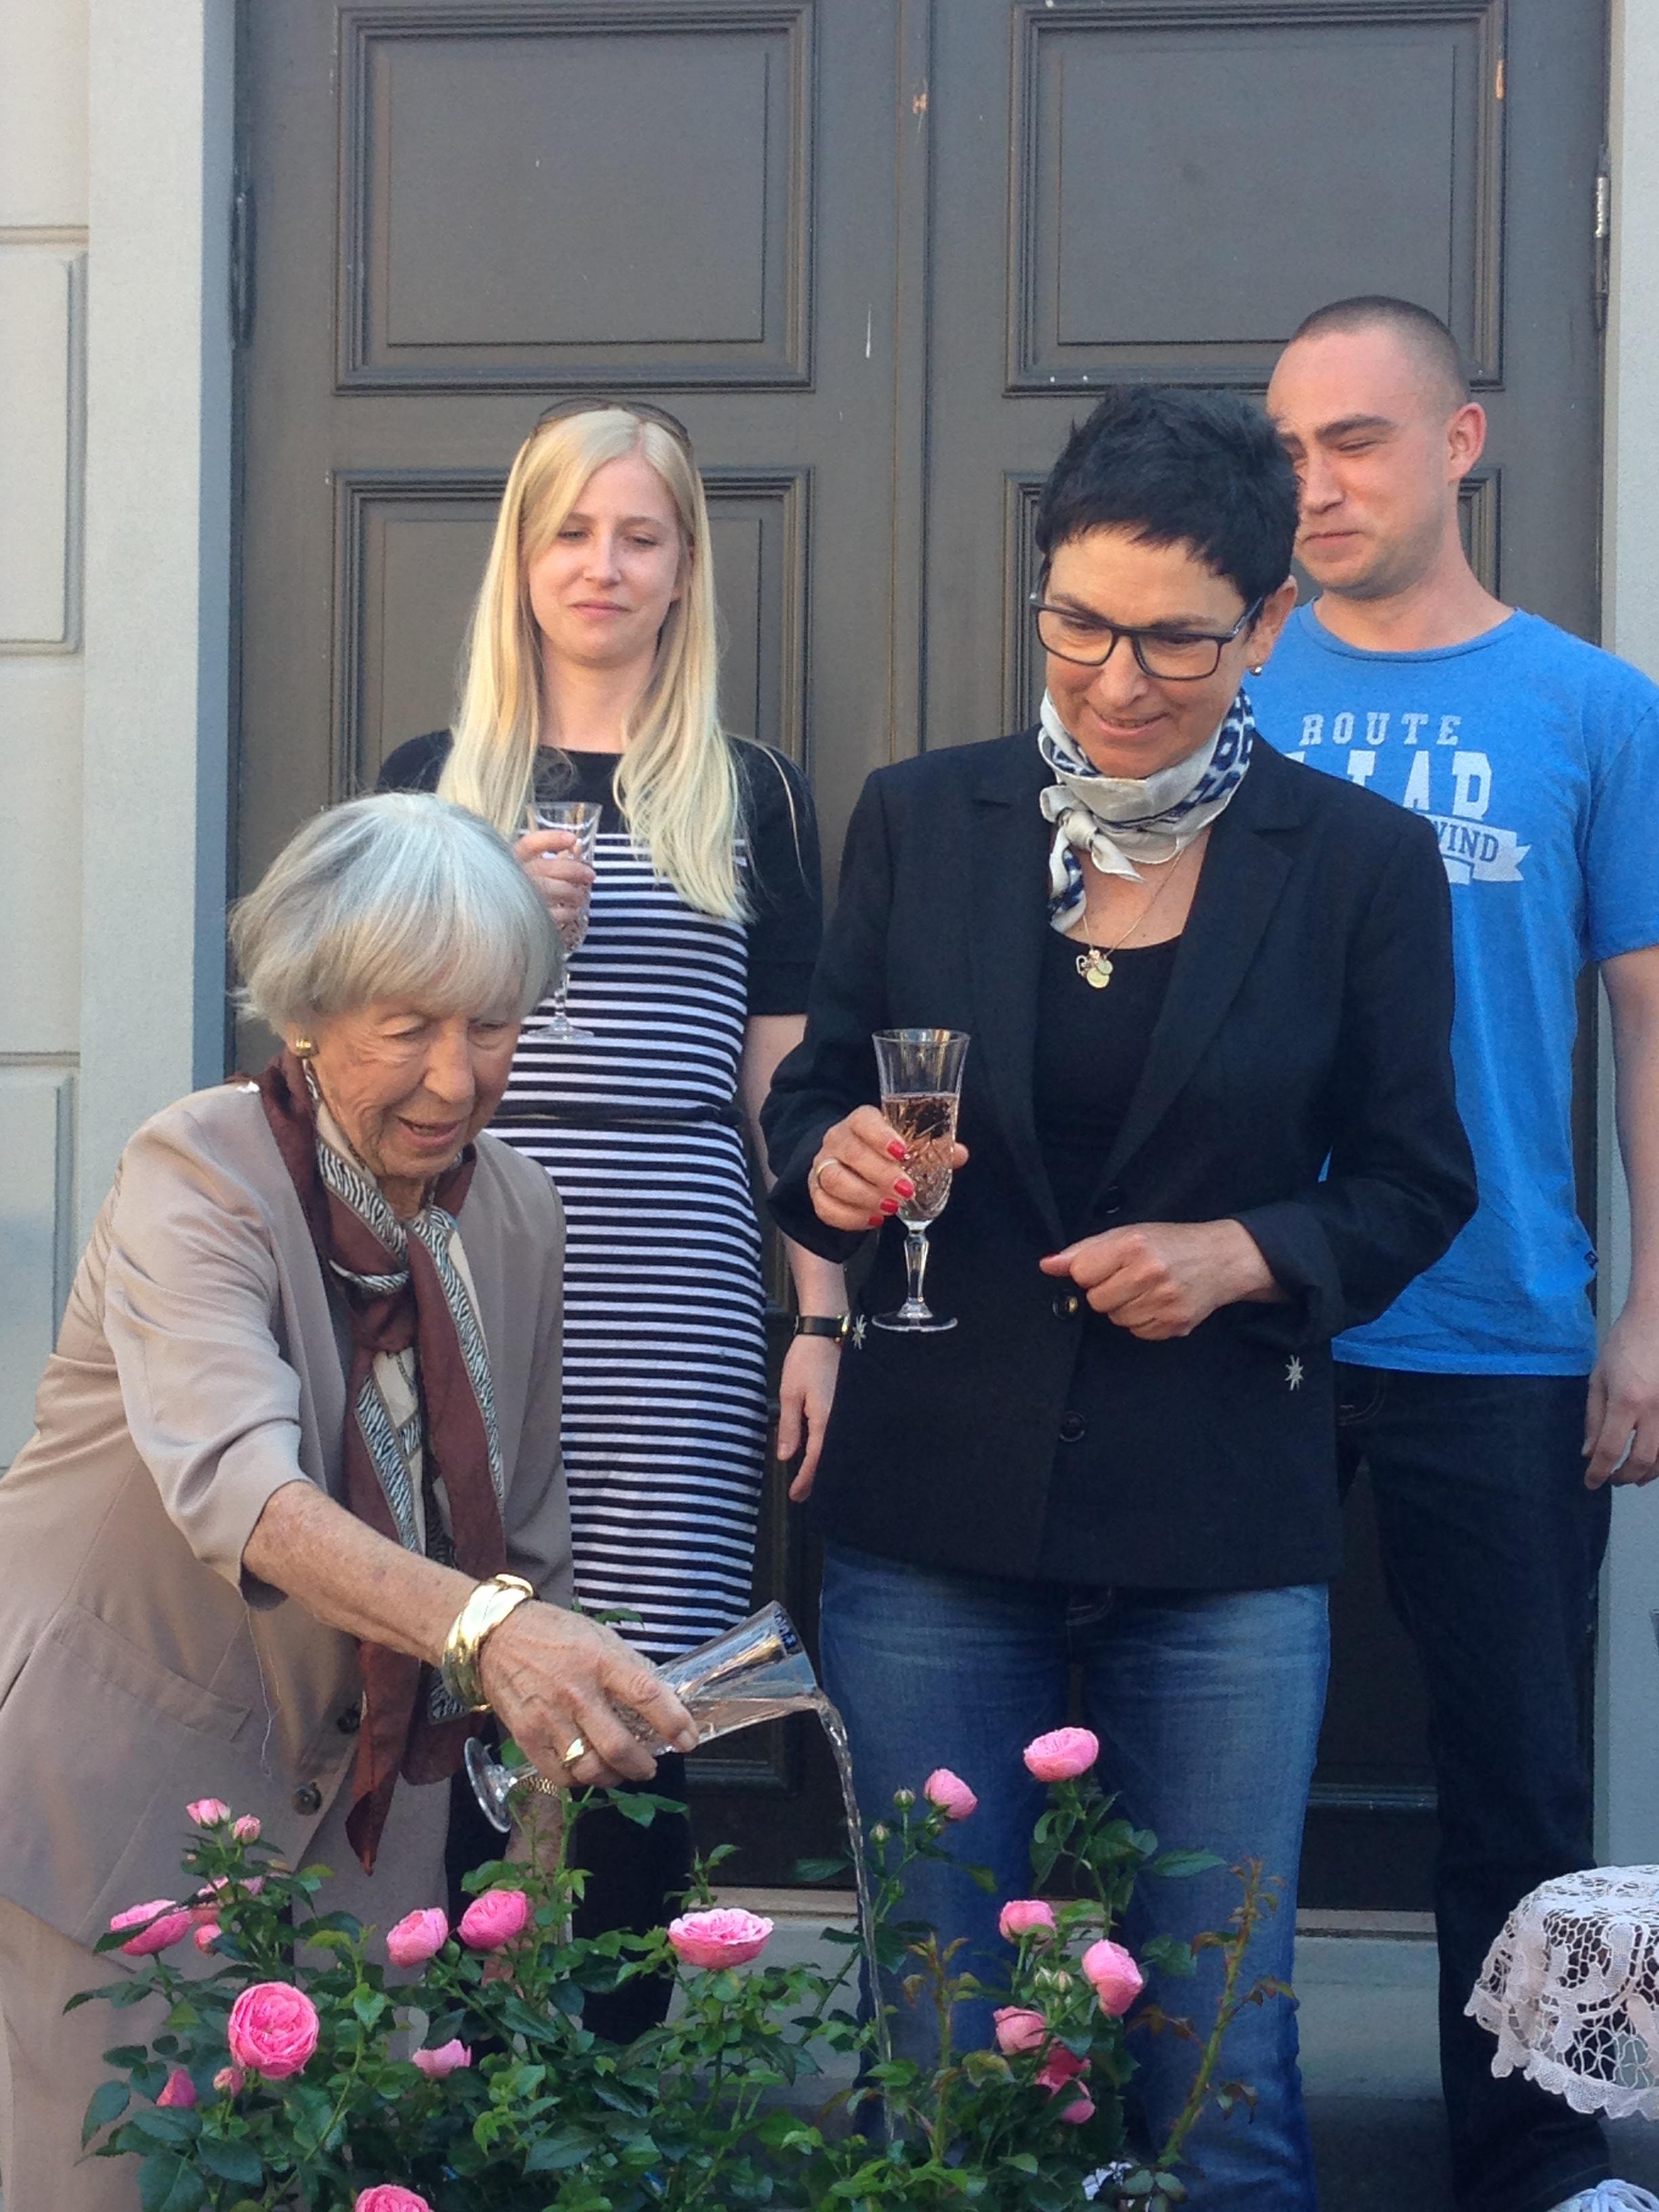 Lise Nørgaard baptizing the new rose